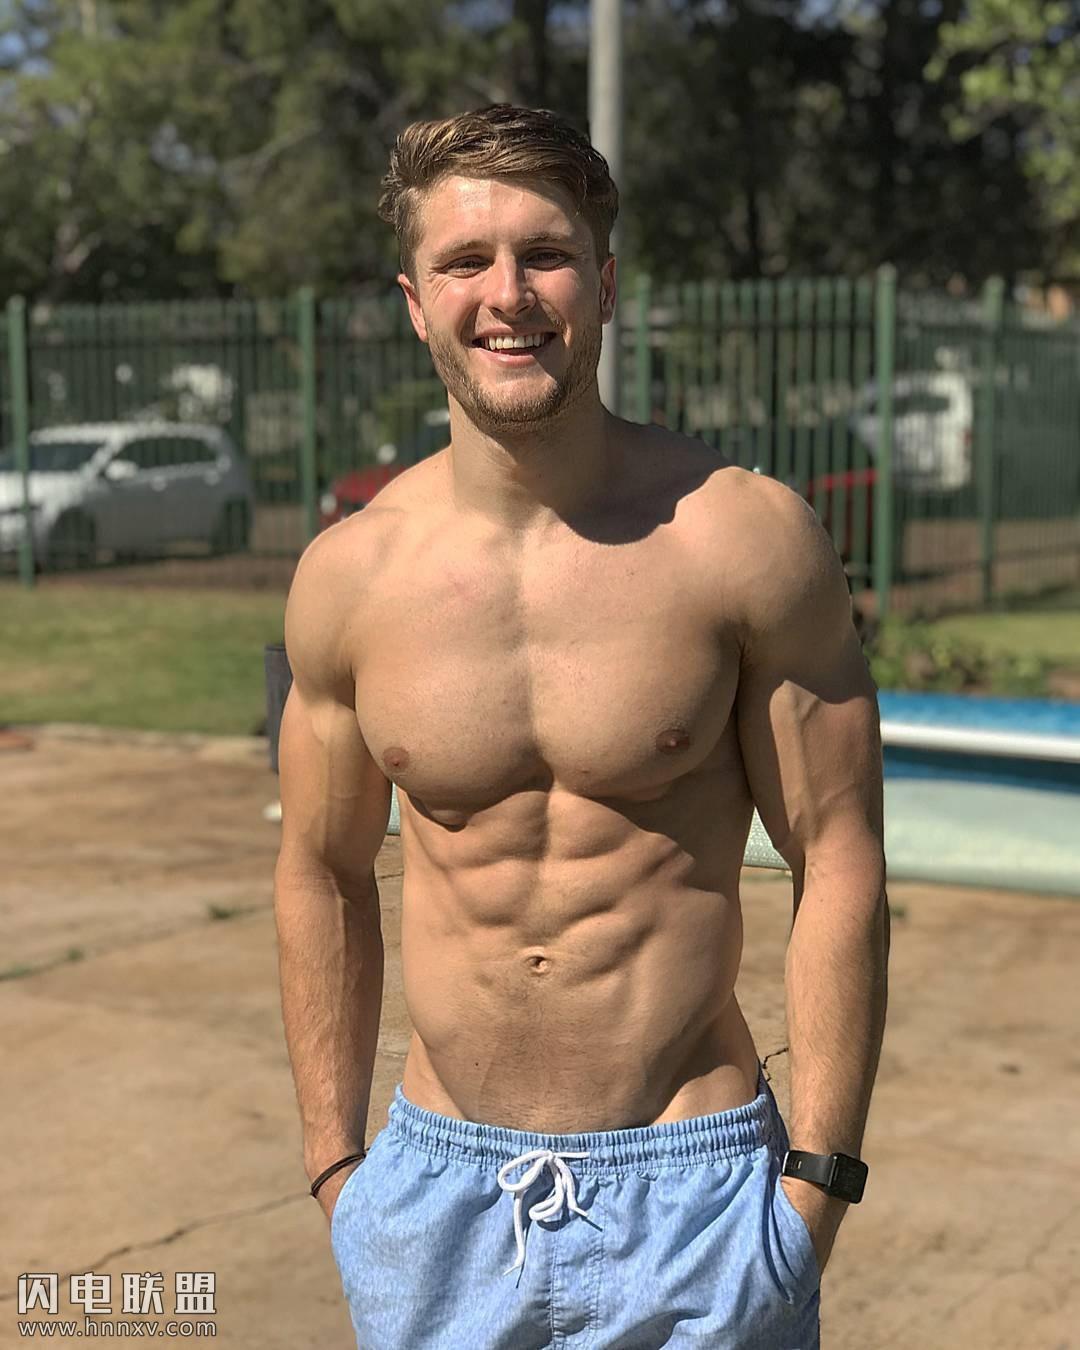 性感欧美健身肌肉帅哥写真